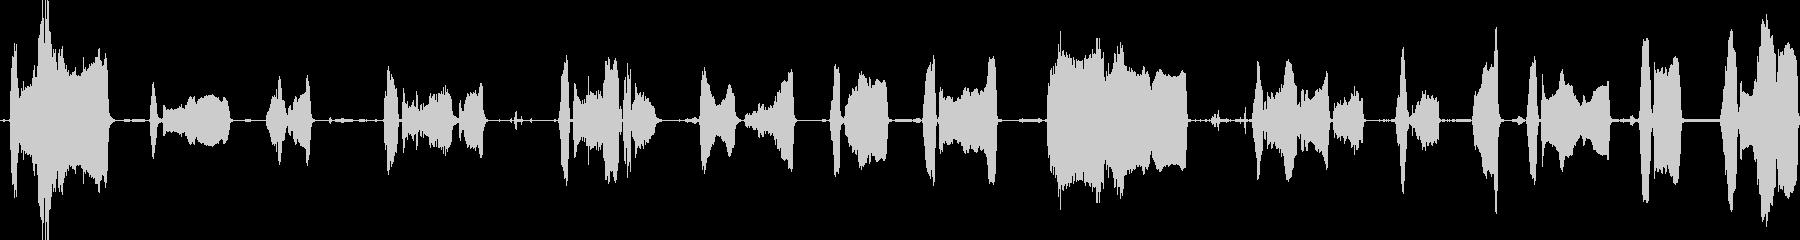 キャメル・モアン・ロングの未再生の波形